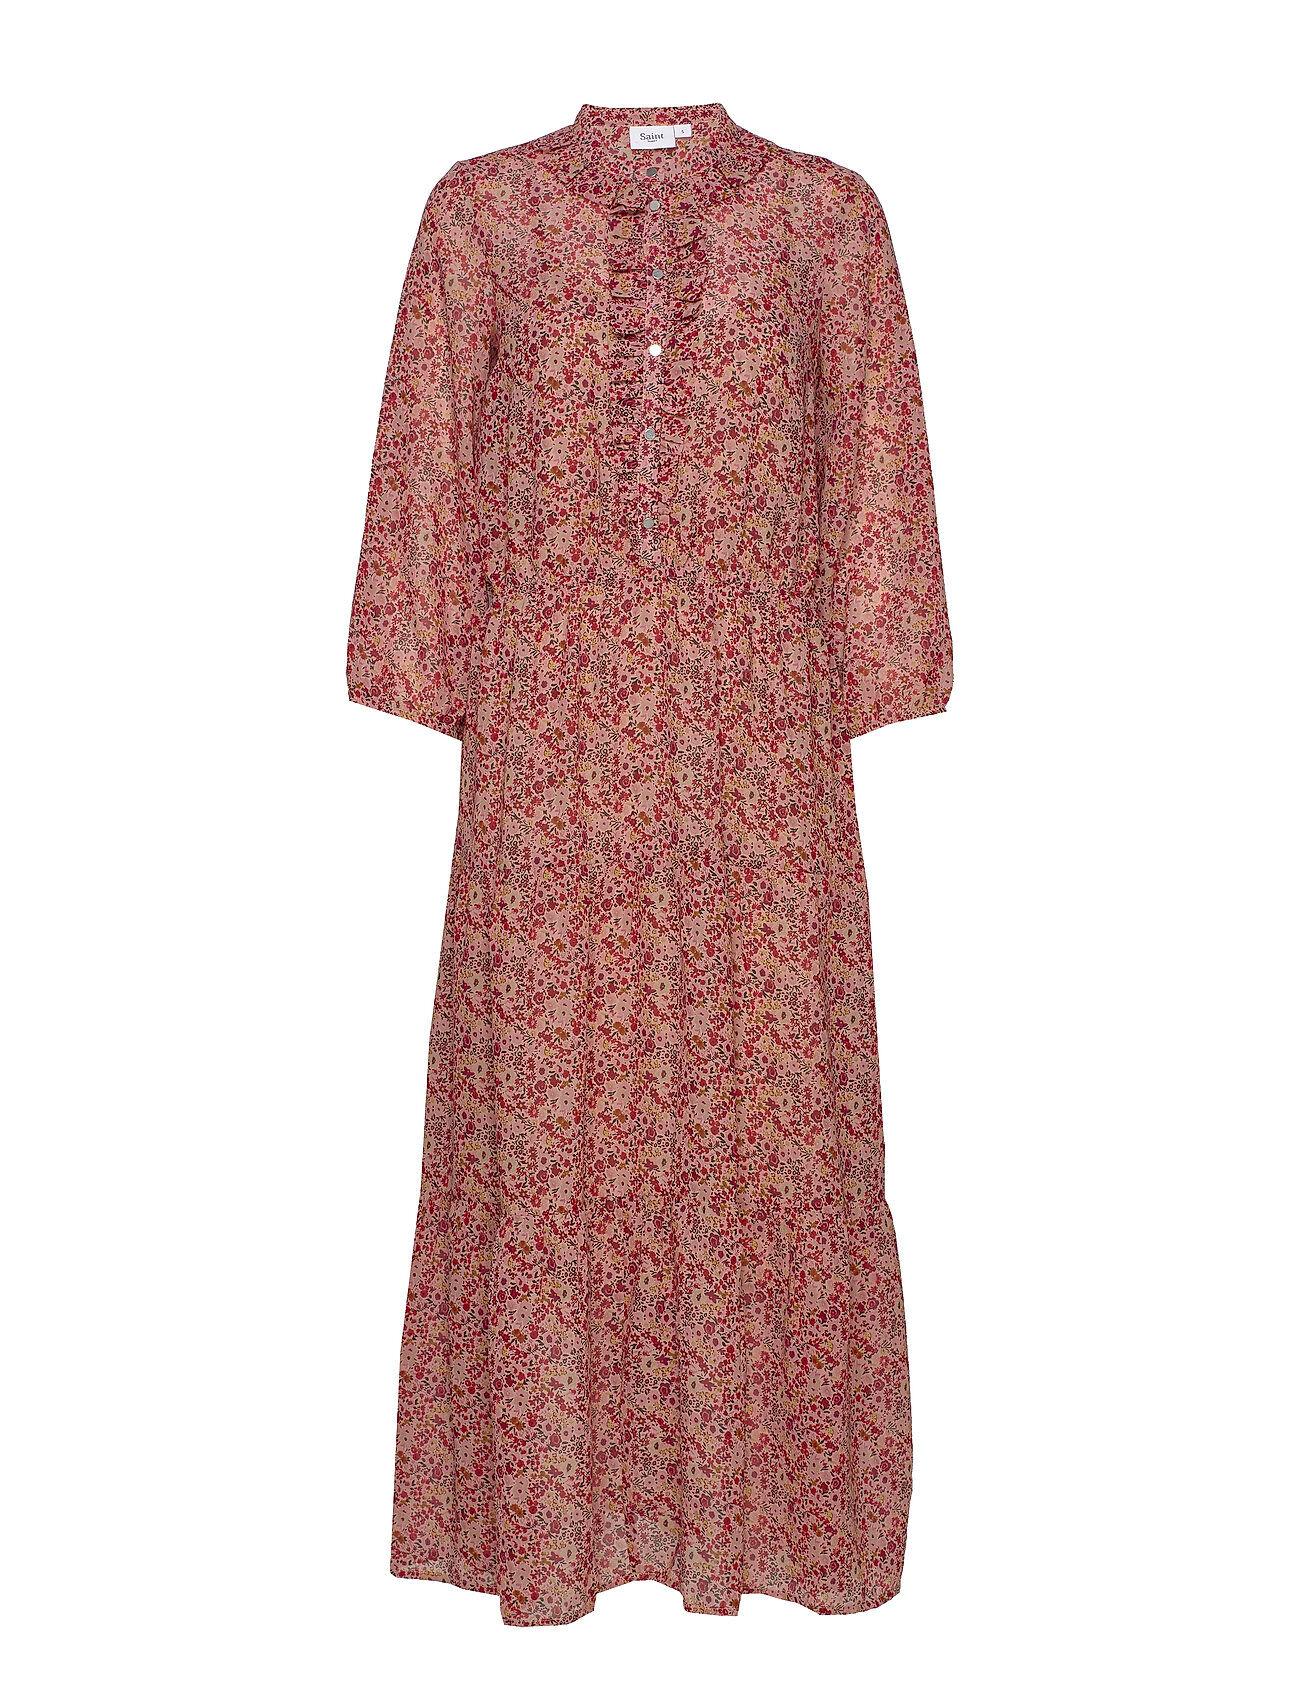 Saint Tropez Aurorasz Maxi Dress Maksimekko Juhlamekko Vaaleanpunainen Saint Tropez